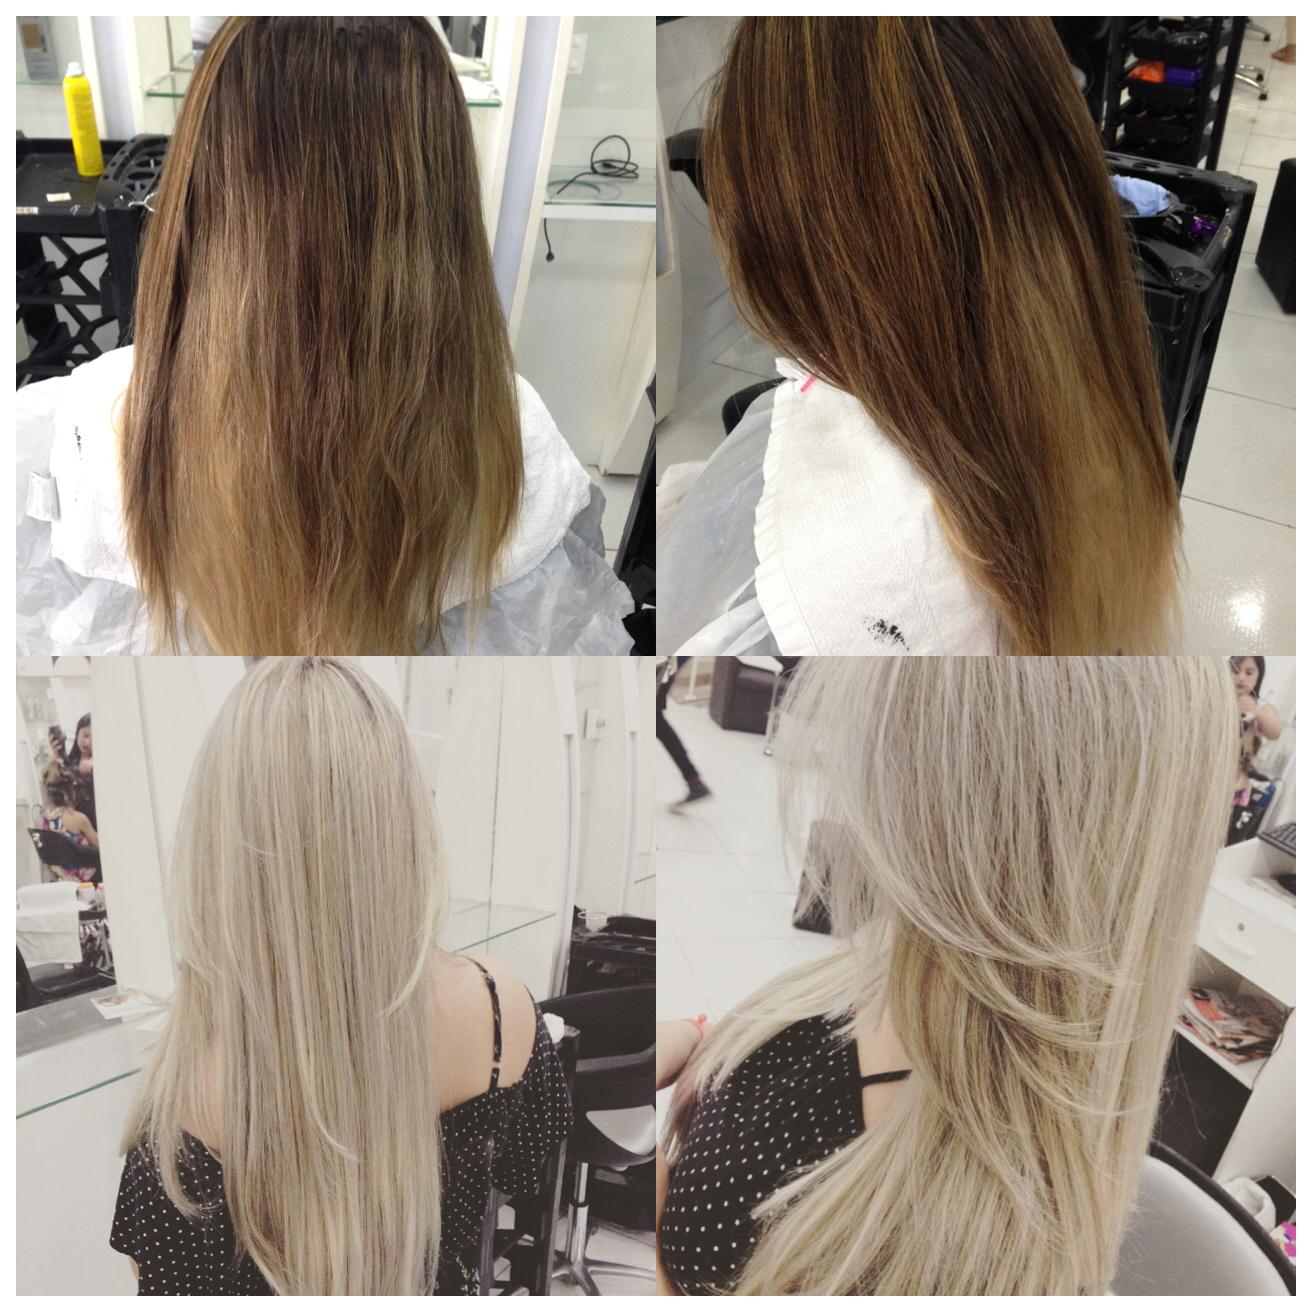 Cabelo com uma cor uniforme é tudo de bom ❤️ cabelo cabeleireiro(a)